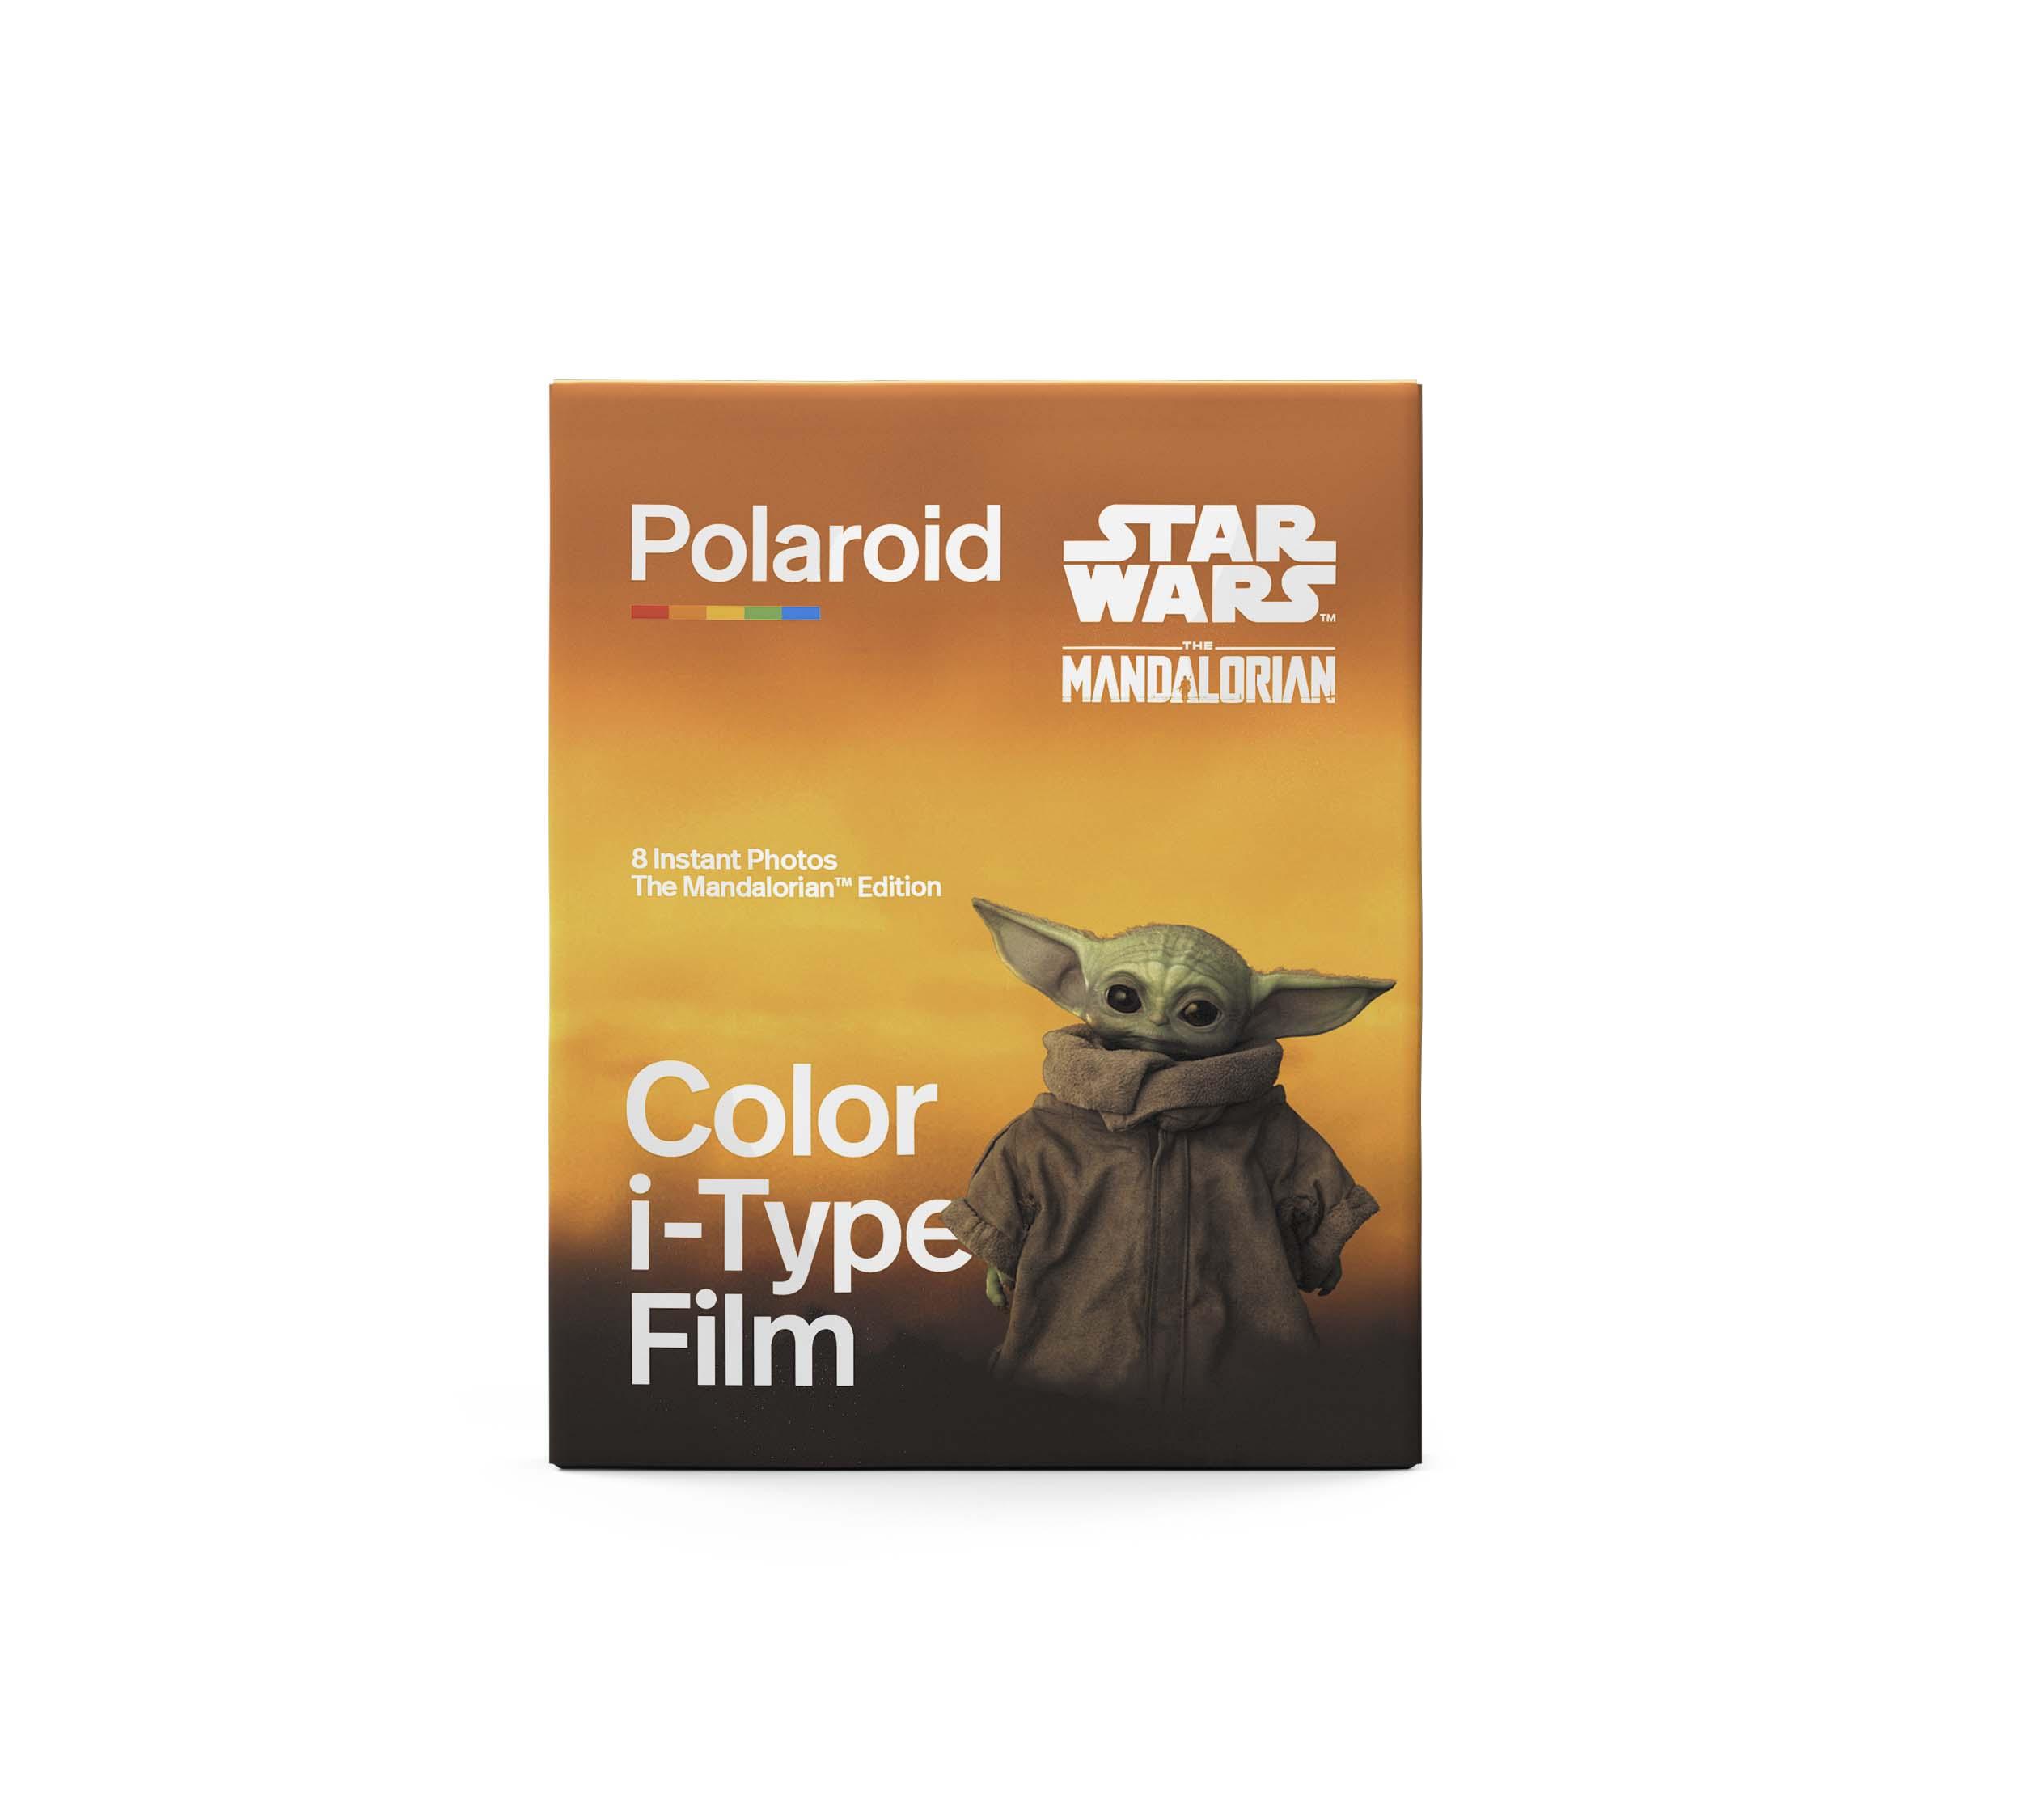 Papier photo instantané Polaroid 8 feuilles pour Mandalorian Edition